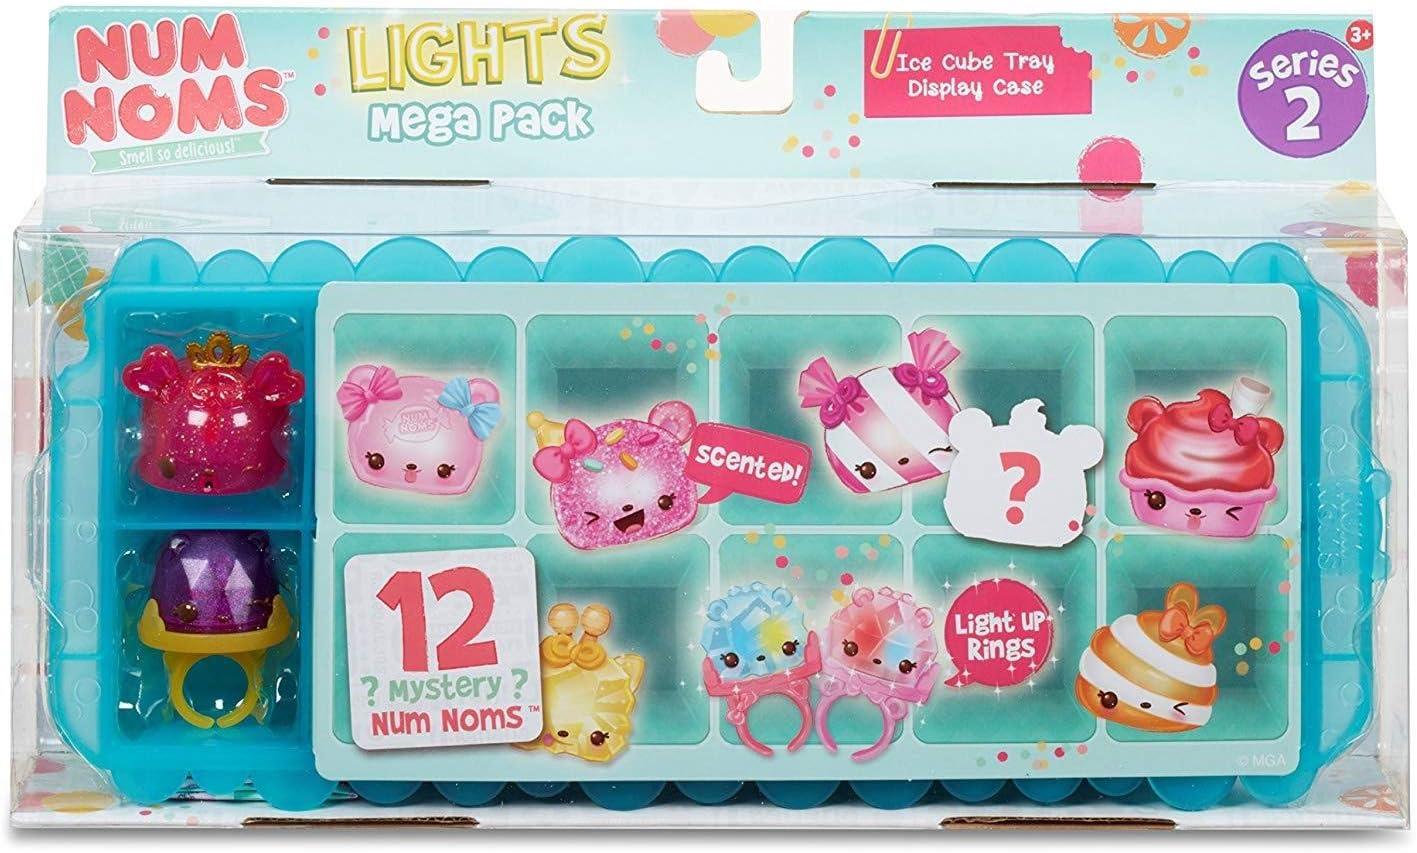 MGA Entertainment Num Noms Lights Mega Pack - Style 1 Cocina y Comida Estuche de Juego - Juegos de rol (Cocina y Comida, Estuche de Juego, 3 año(s), Niño, Niño/niña, Multicolor): Amazon.es: